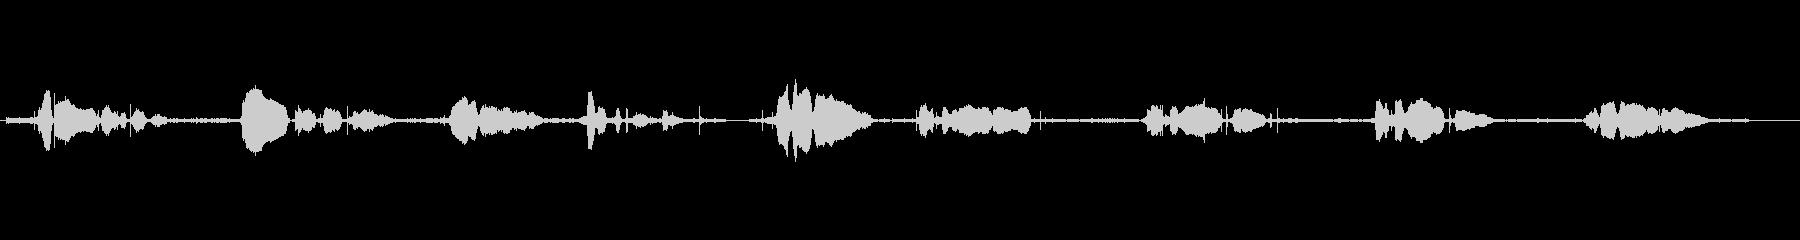 鳴き声 男性の祈り02の未再生の波形